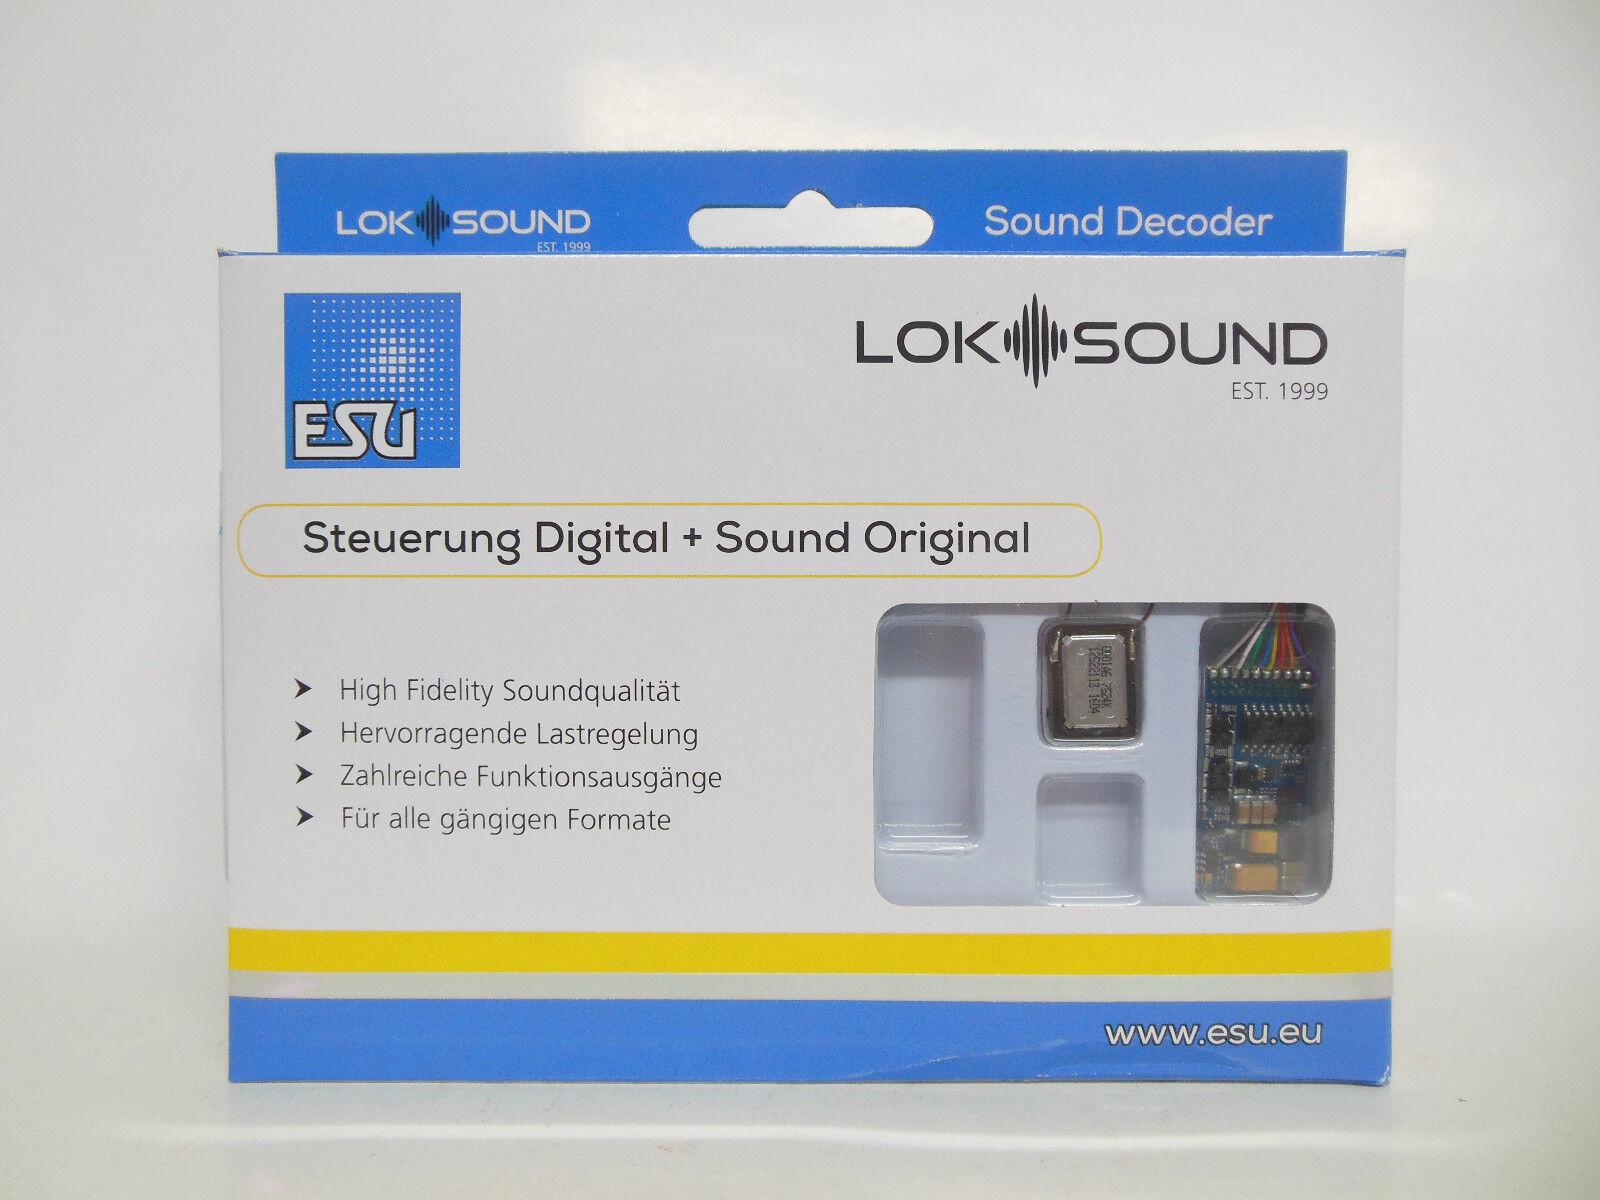 Esu 58416-Loksound 5-dcc mm sx m4 - 6-pin nem651-novedad 2019-Embalaje original